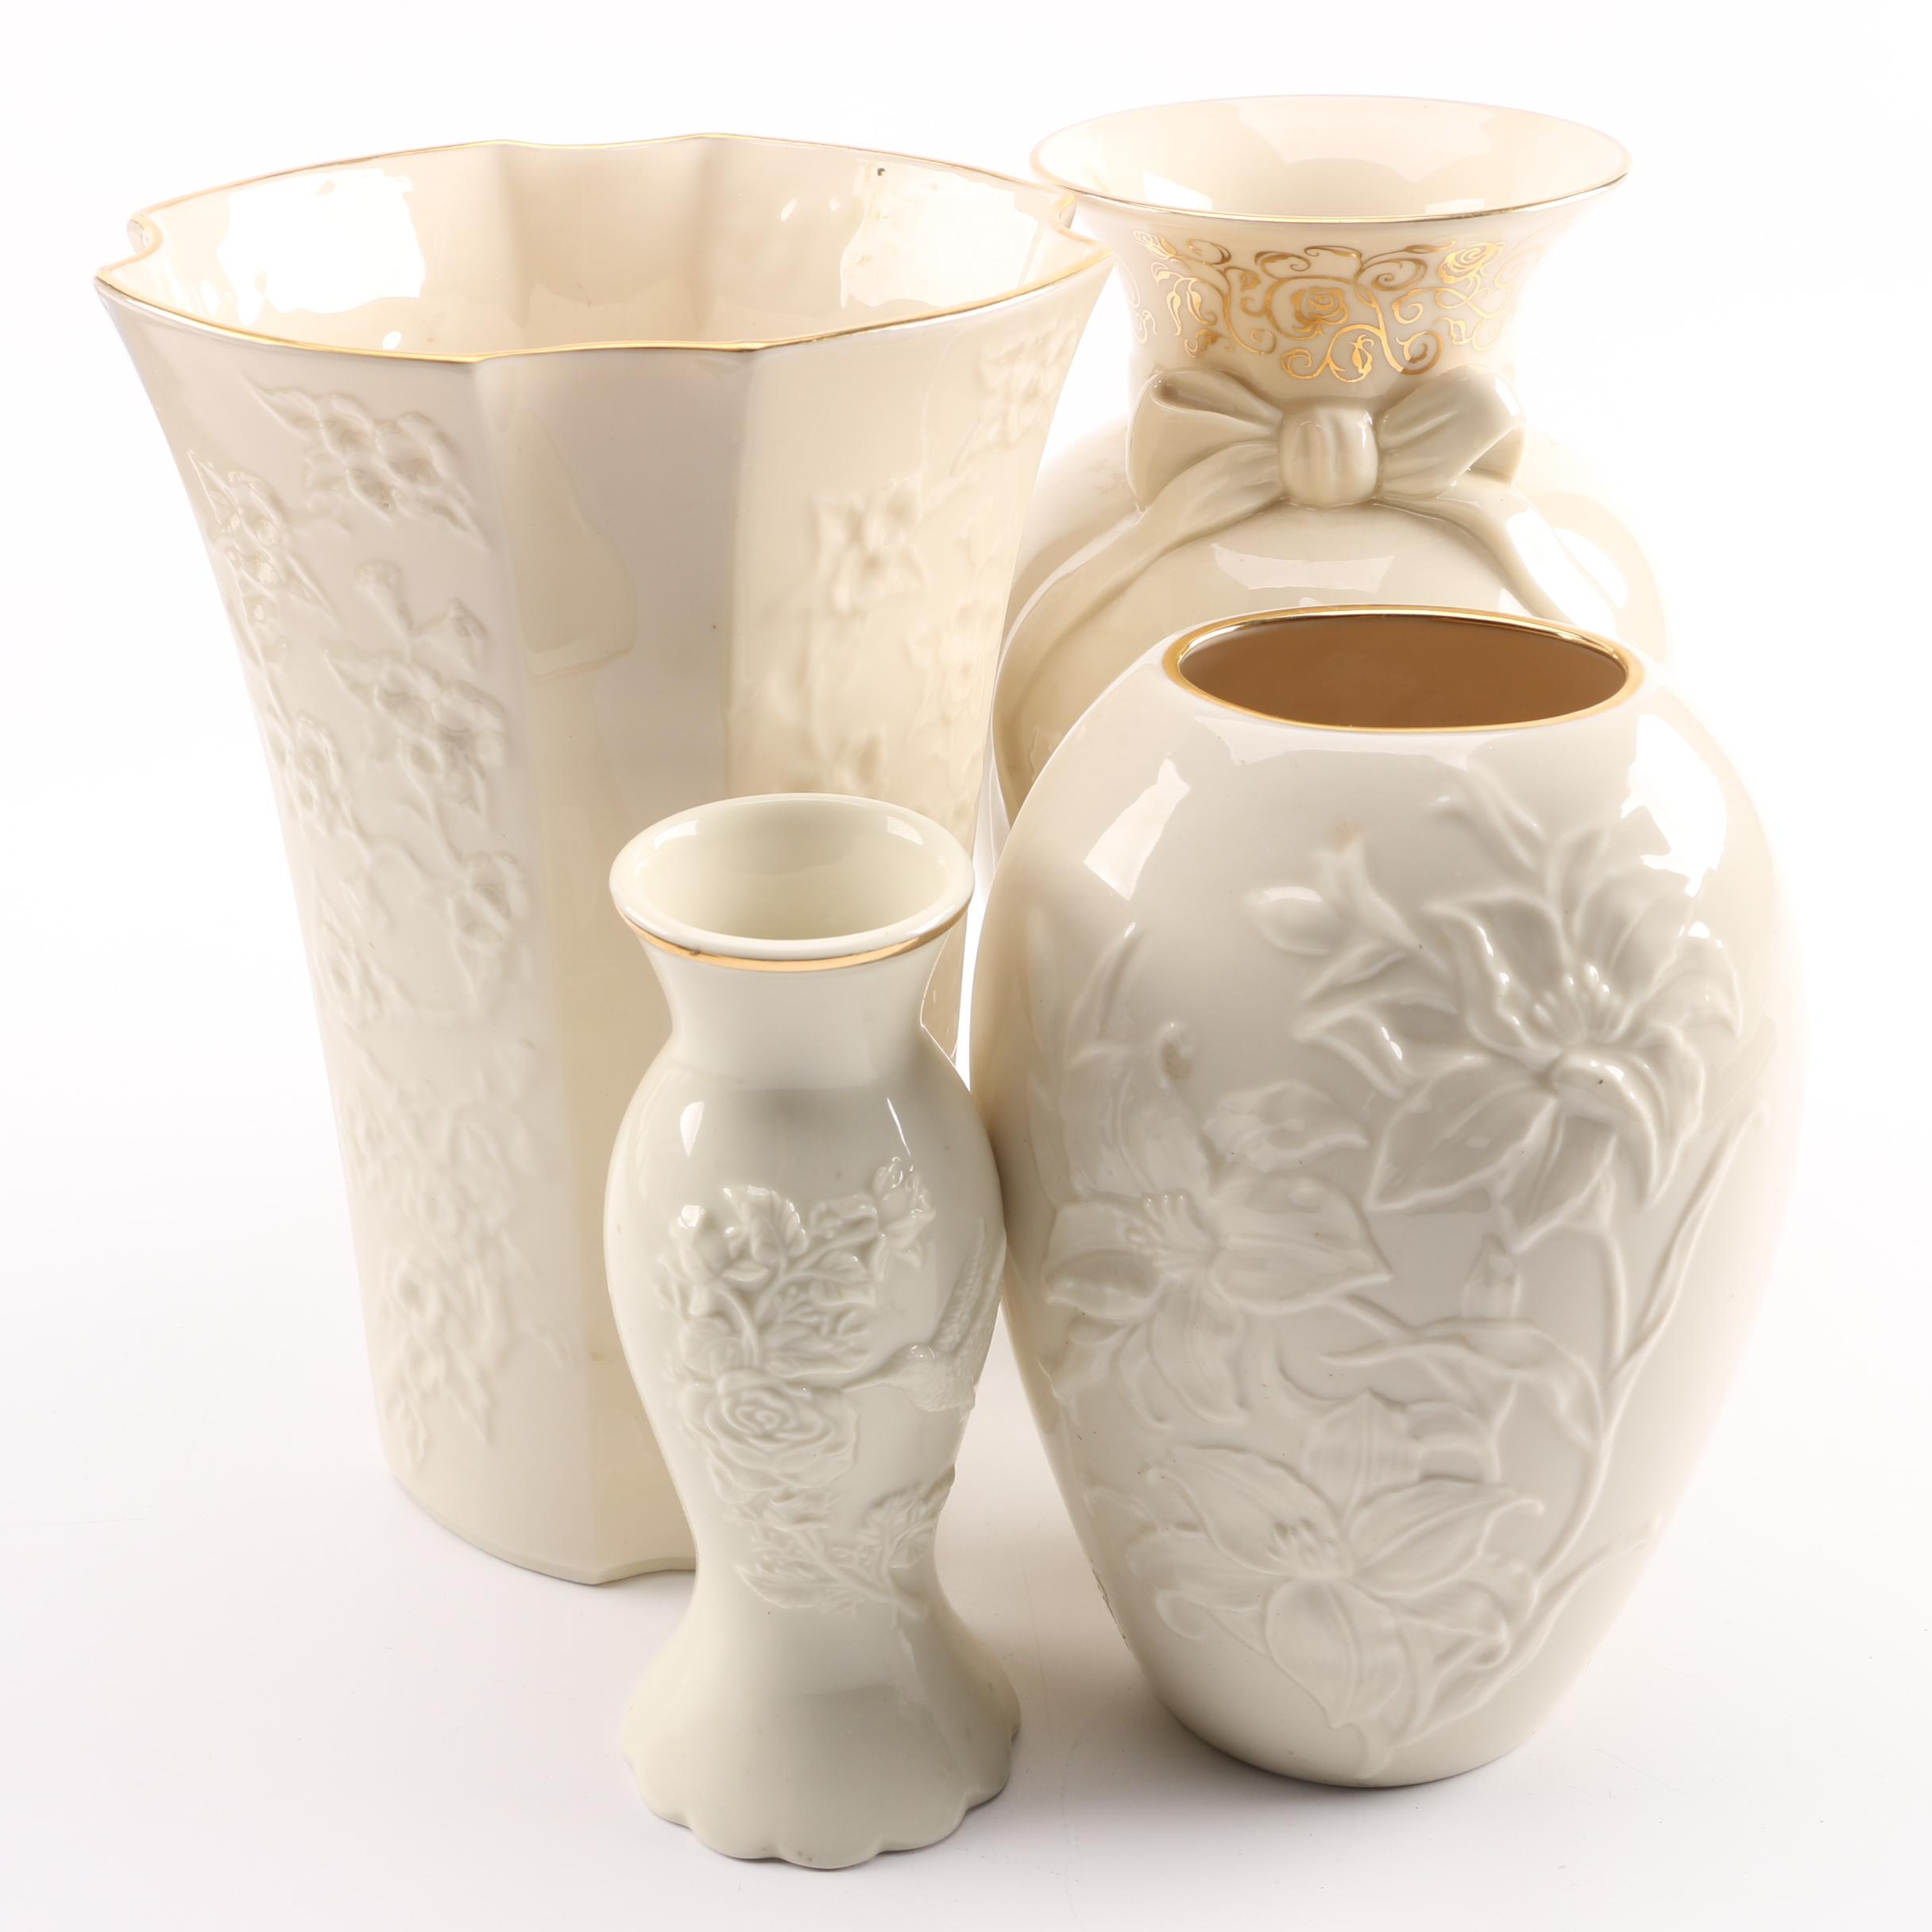 Lenox Embossed Porcelain Vases